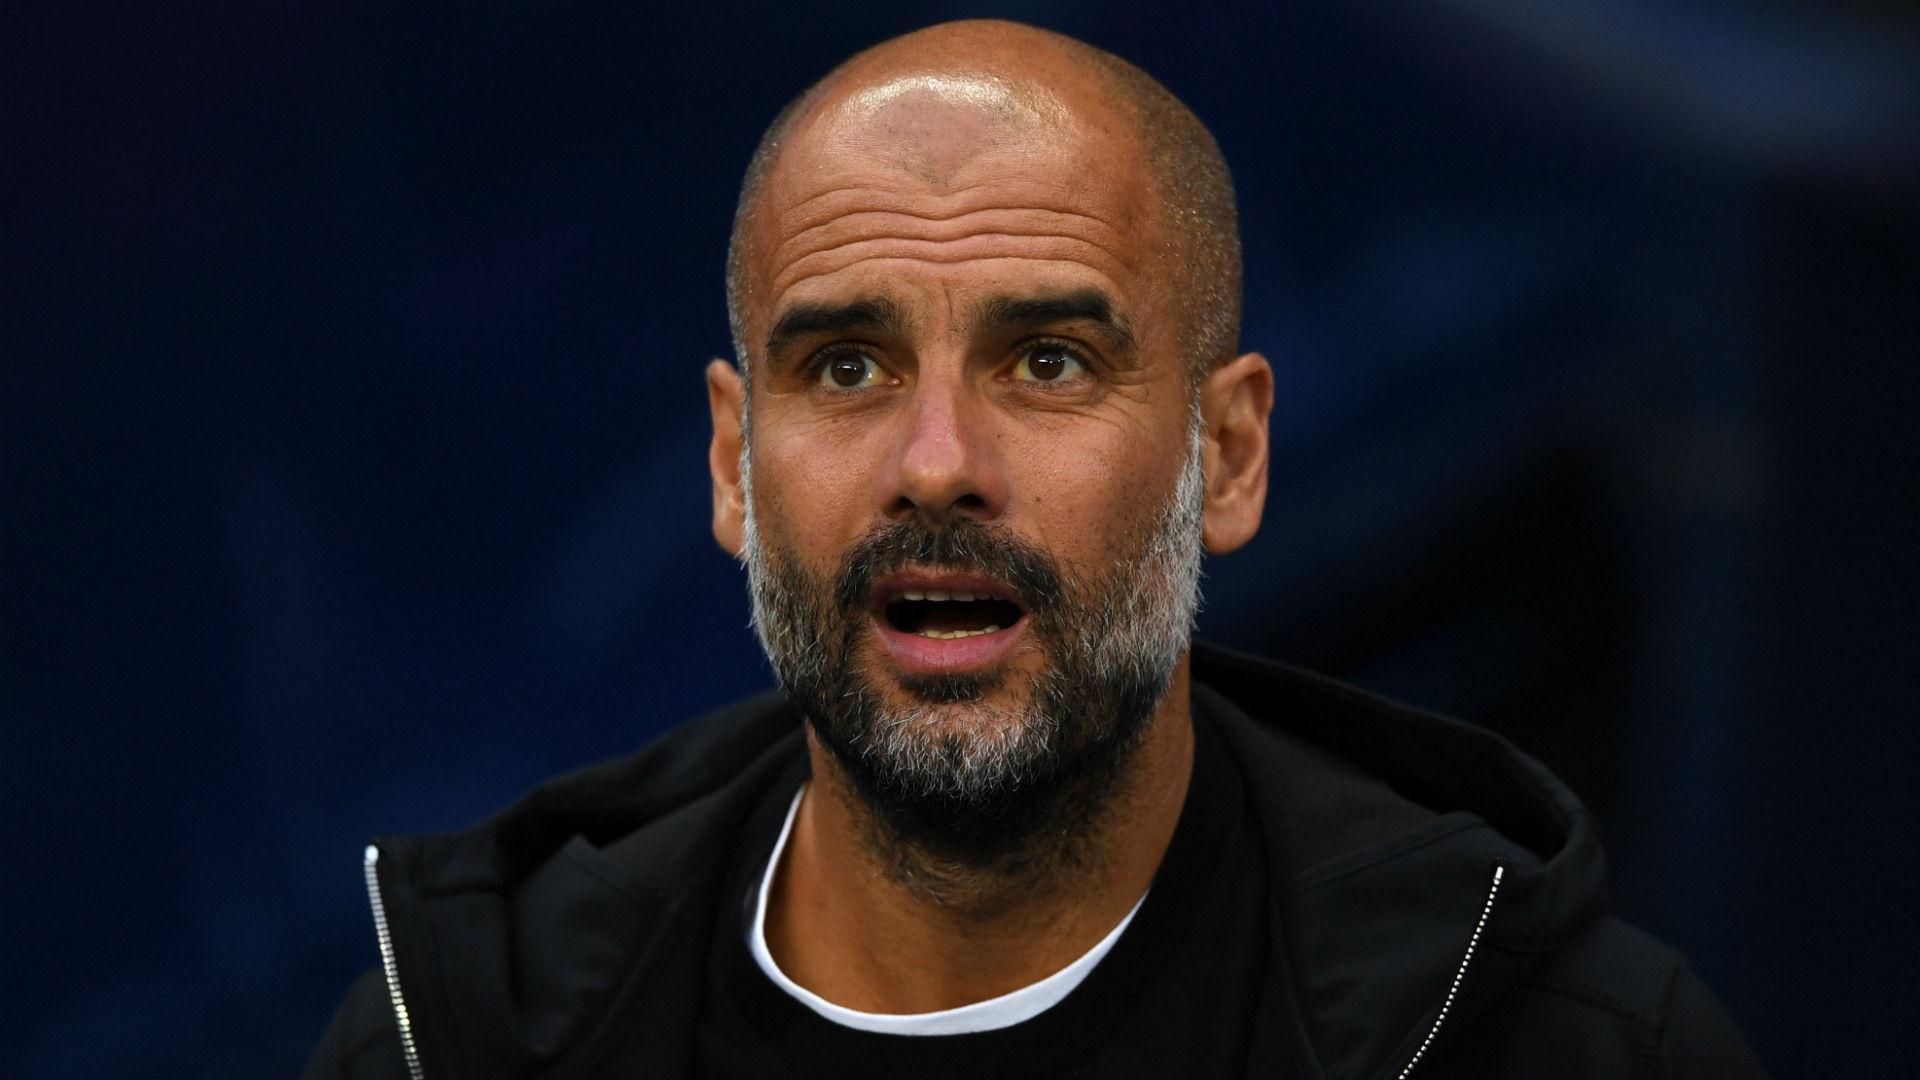 Pep Guardiola mengklaim Manchester City akan segera jatuh ke jalur jika diminta untuk memangkas jumlah pemain yang mereka pinjamkan.